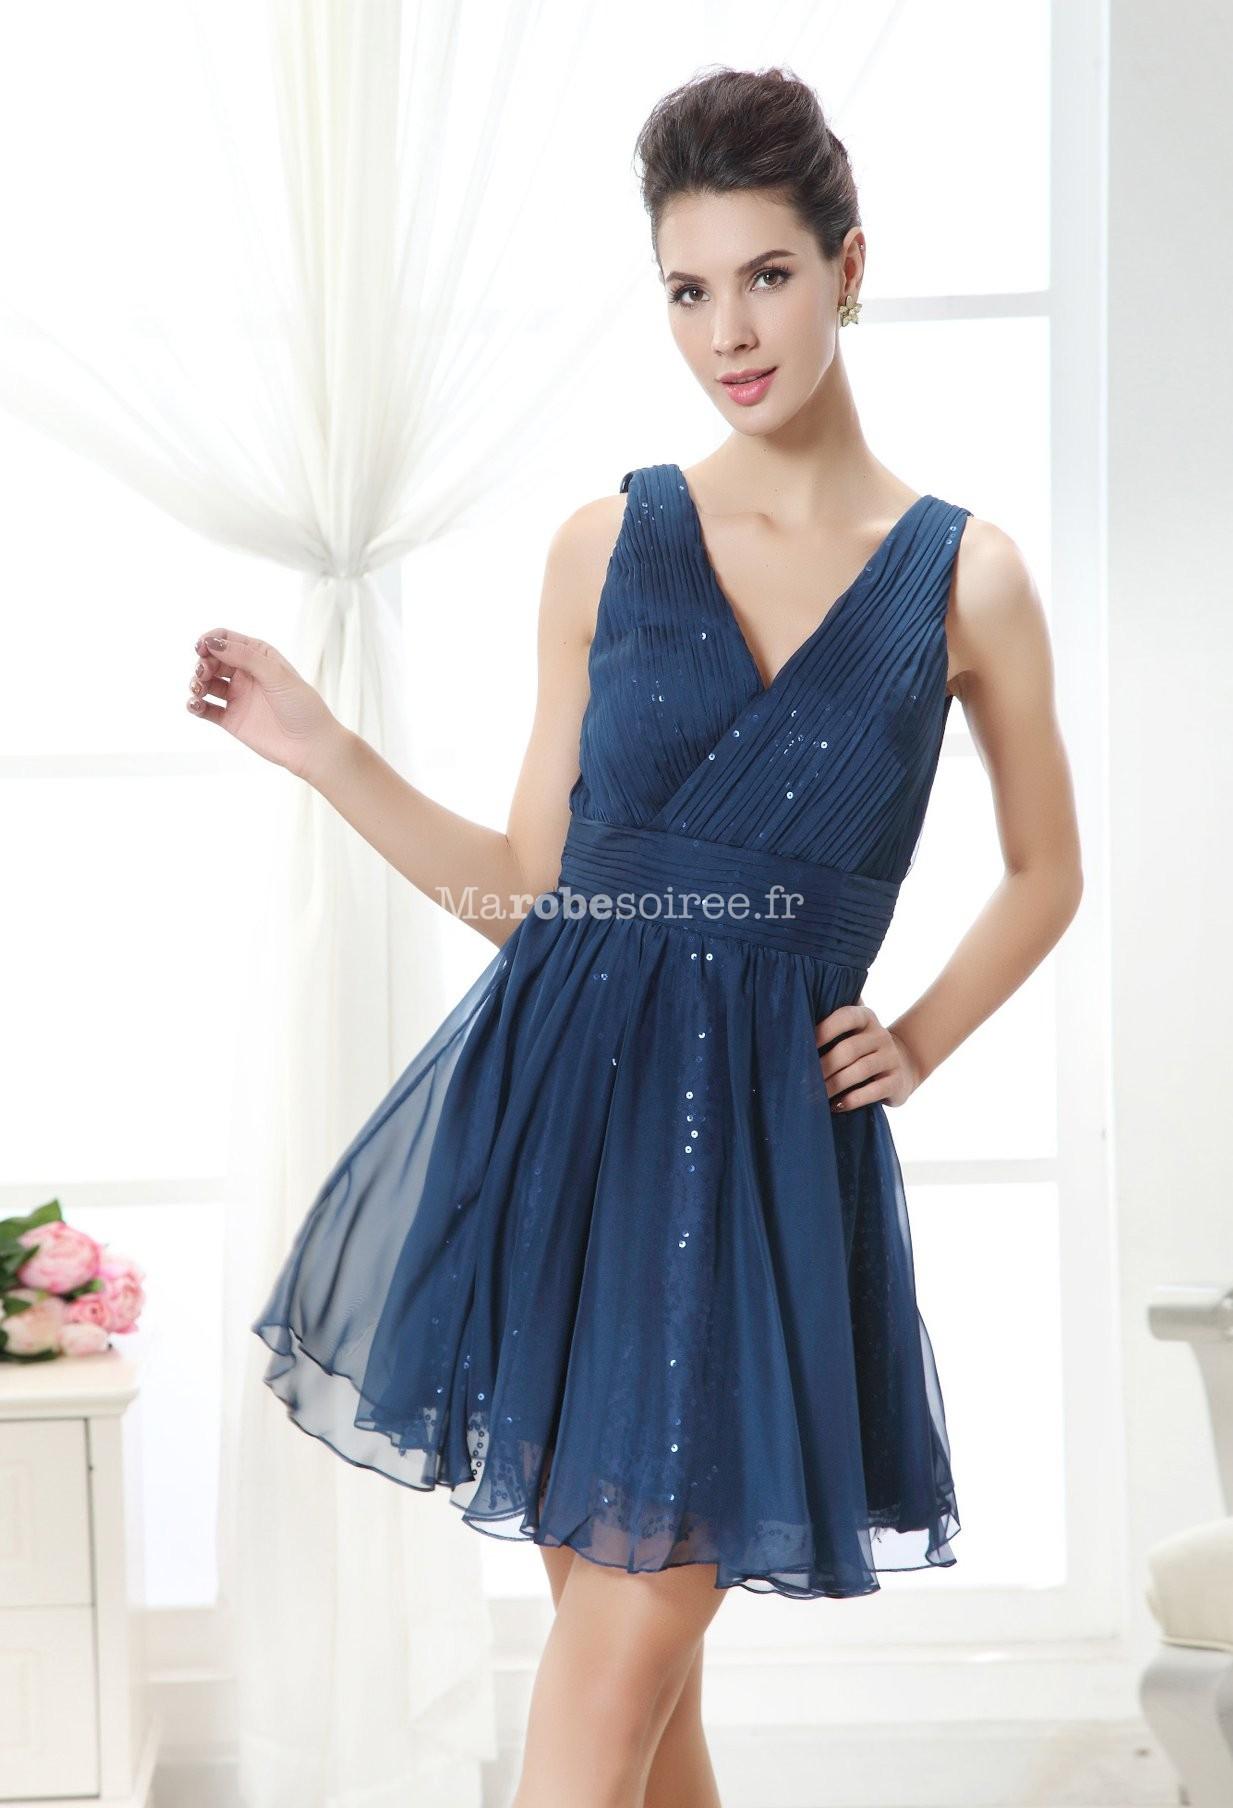 robe de cocktail bleu nuit doublure orn e de paillettes. Black Bedroom Furniture Sets. Home Design Ideas